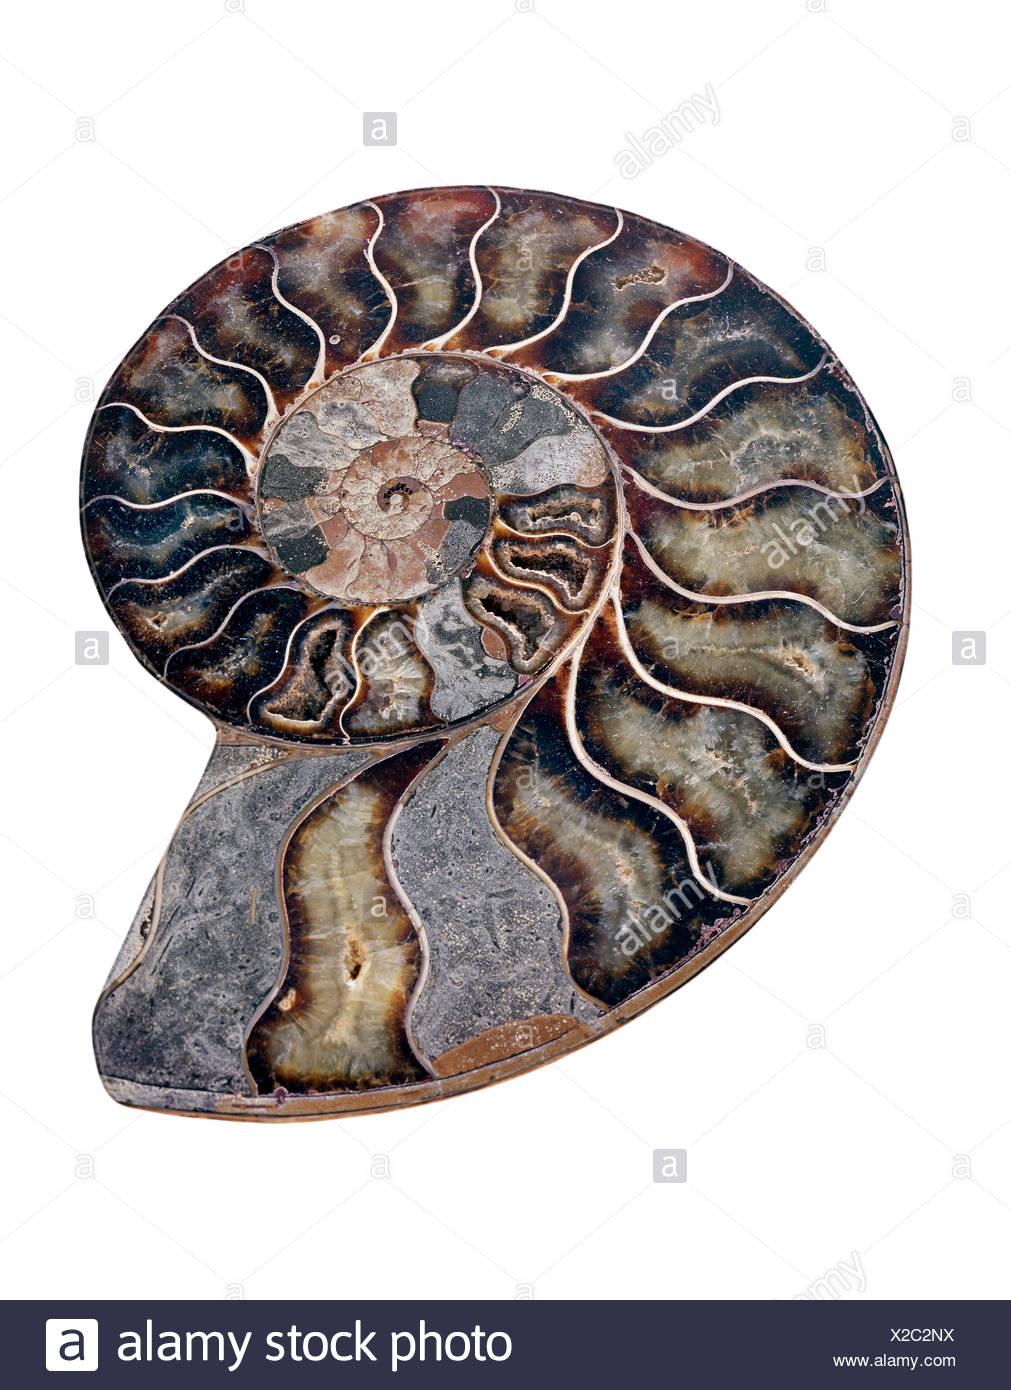 Ammonite. Polished sectioned ammonite fossil. Ammonites are extinct marine invertebrates. Stock Photo